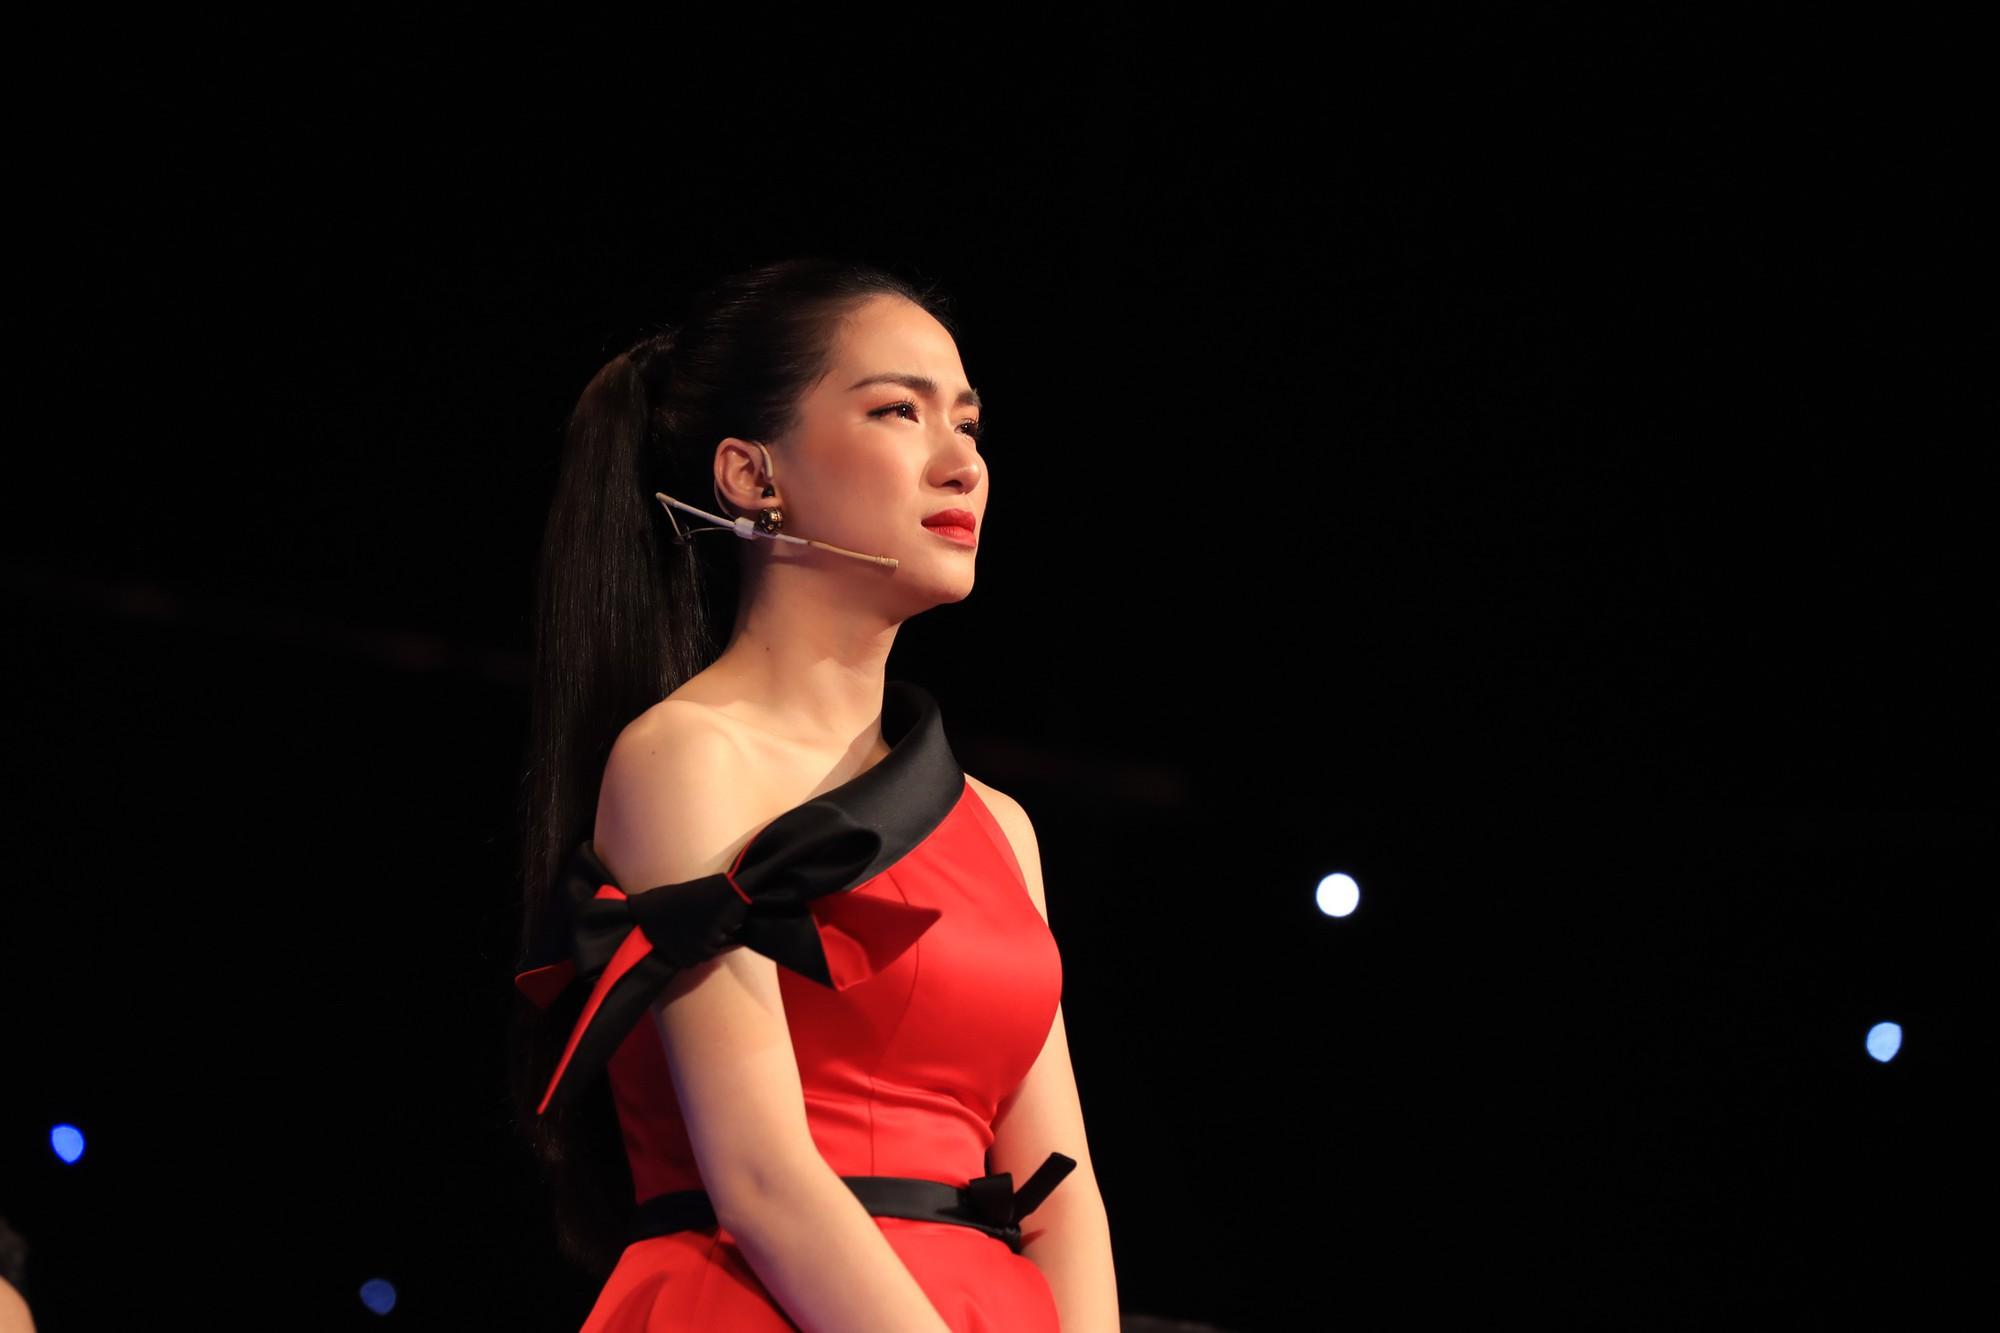 Hòa Minzy bật khóc vì học trò bị chê chọn sai bài, hát không rõ lời - Ảnh 7.